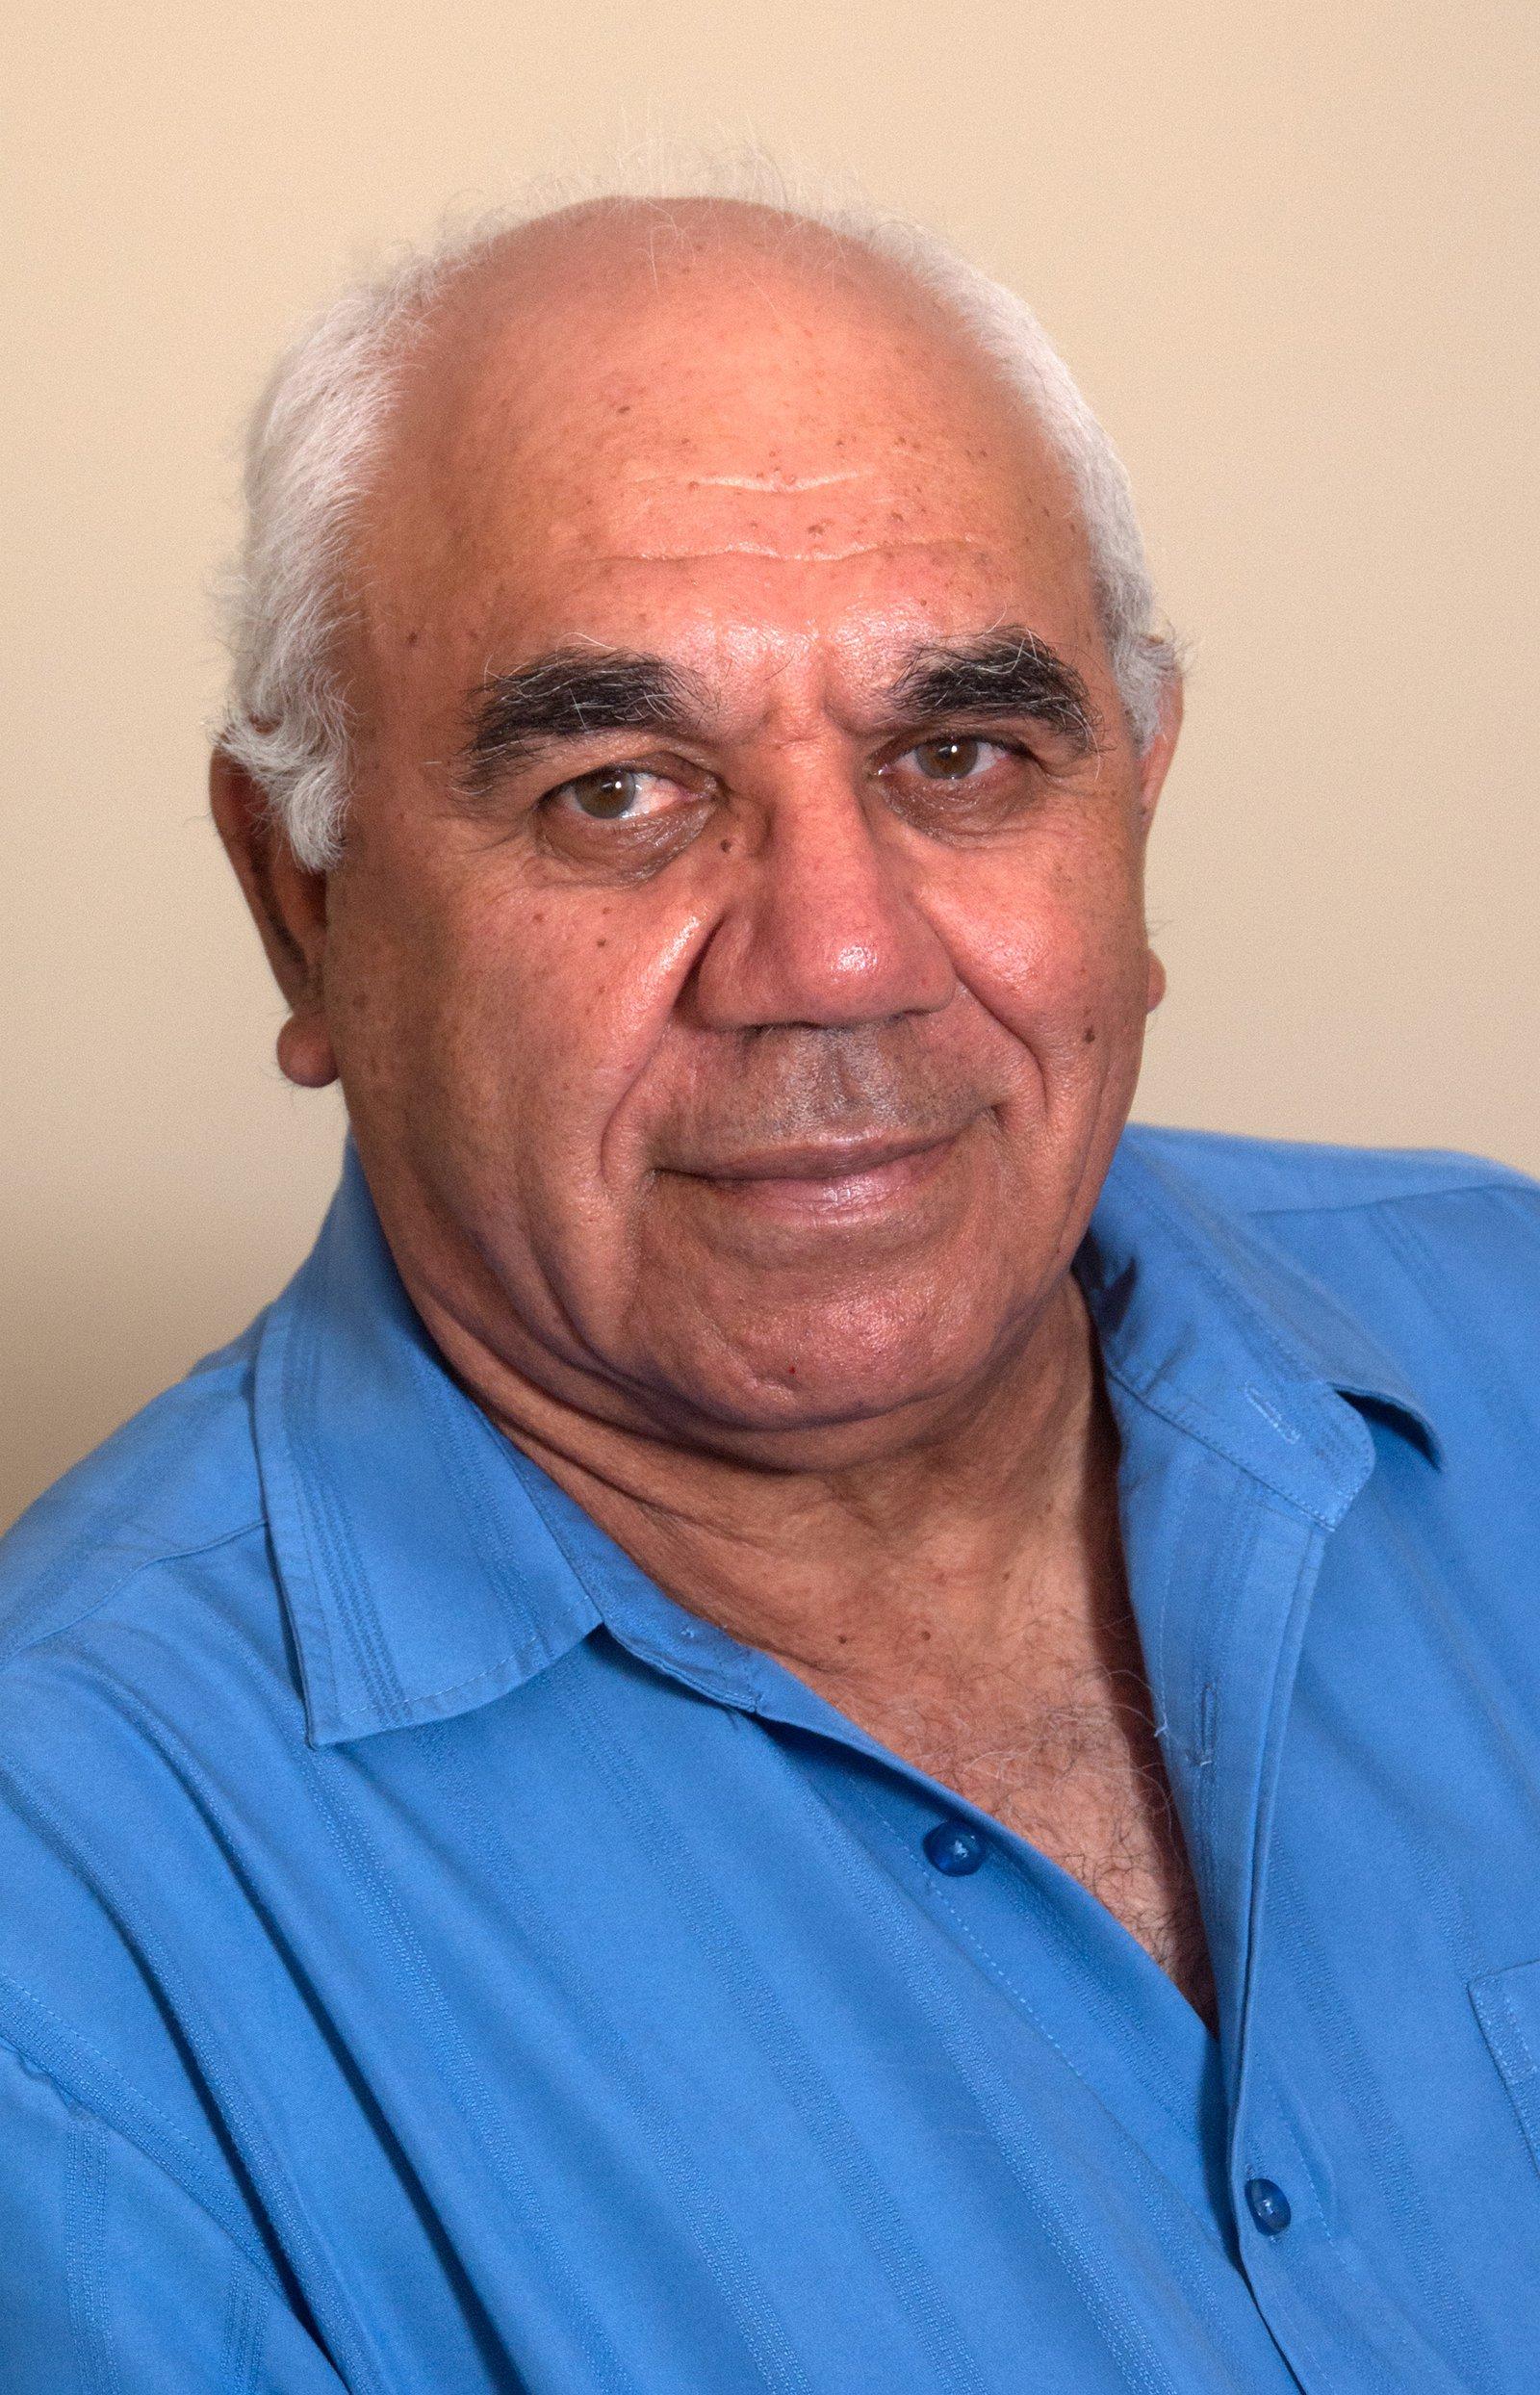 Sydney Elders - Bob Morgan